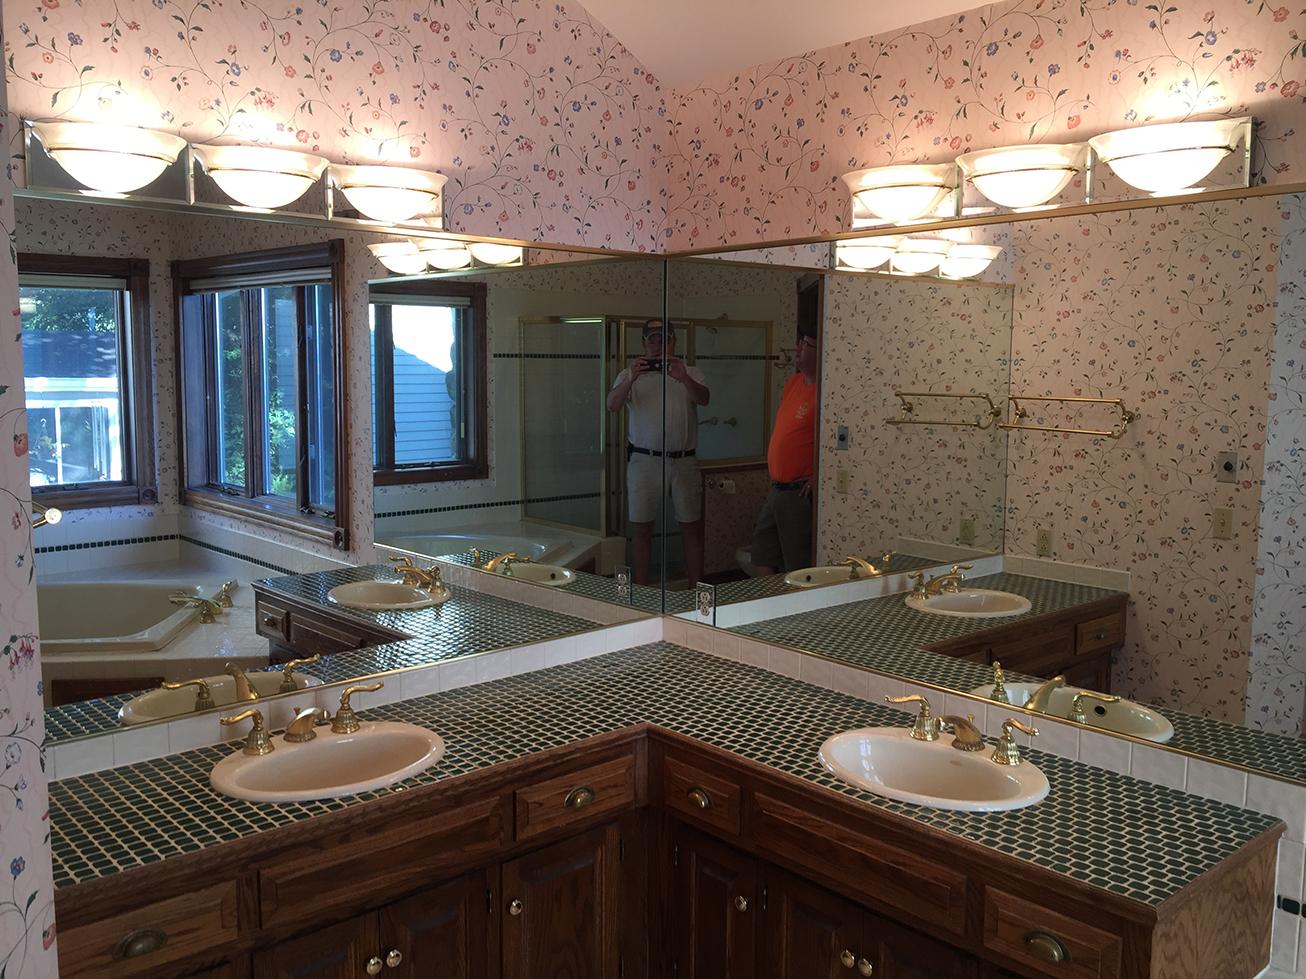 Apple Valley Bathroom Remodel: BEFORE